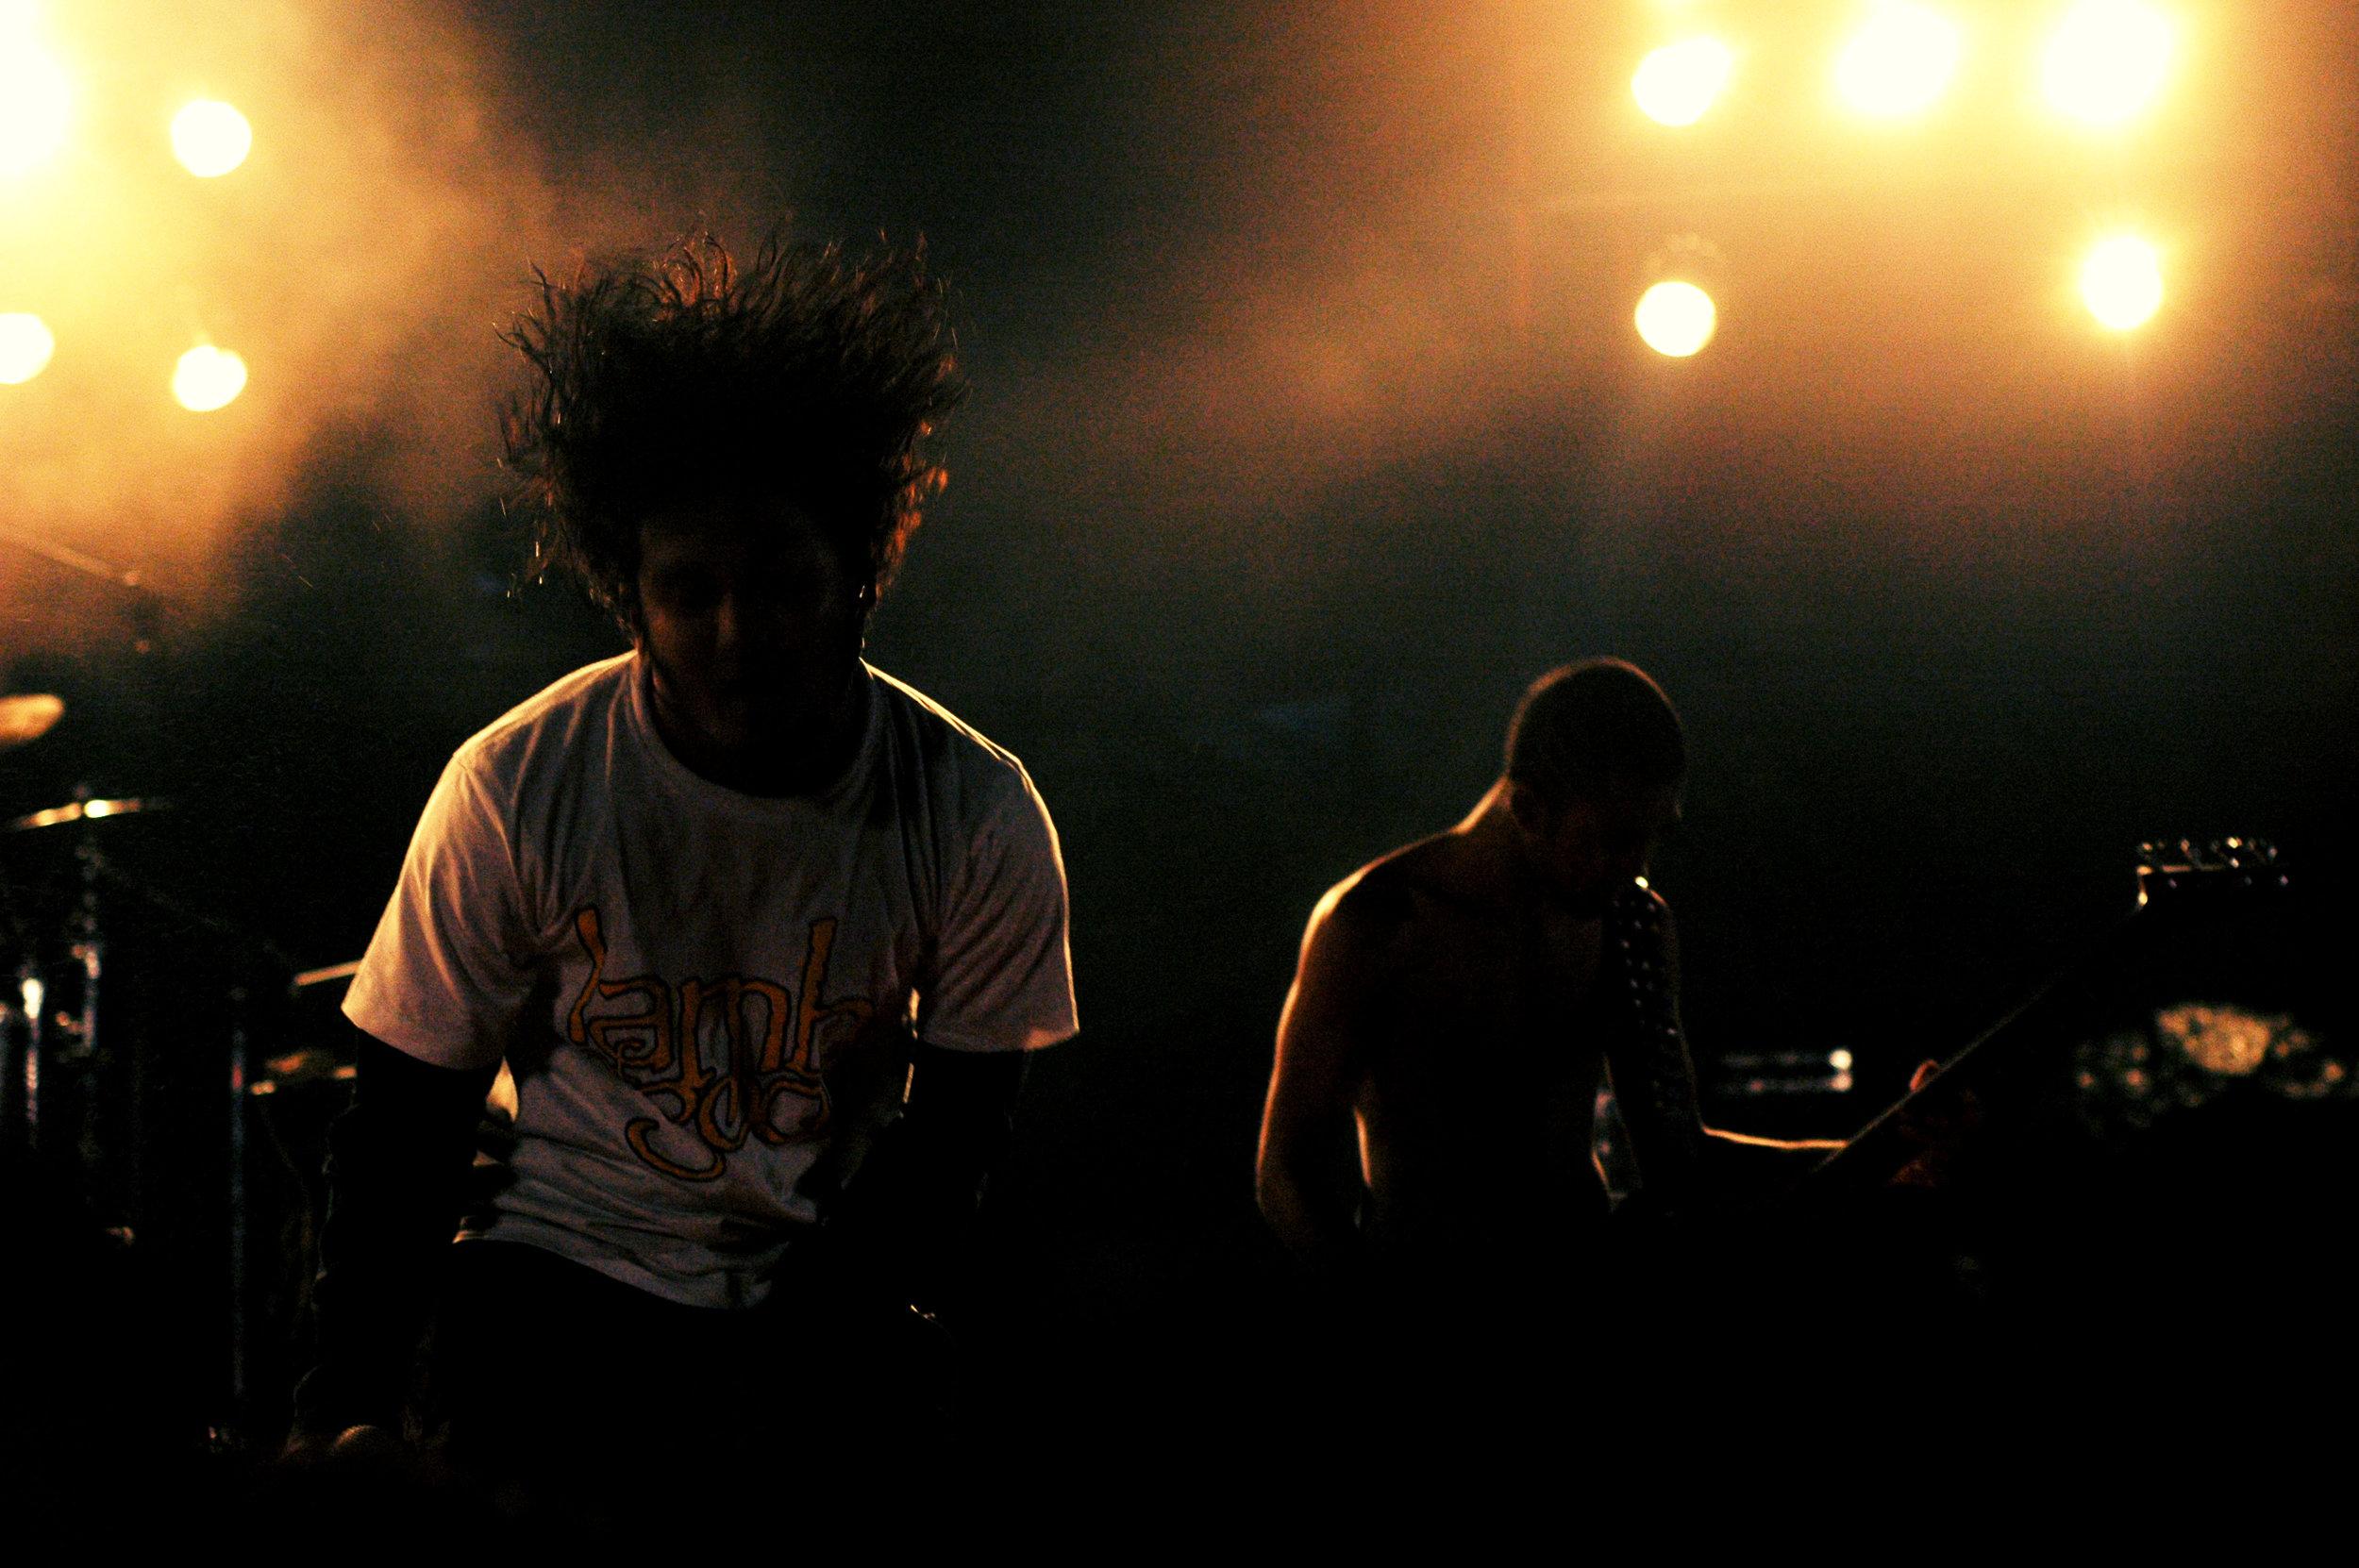 2008-02-01 - Male' City - Rockstorm Chapter 2 Freak Your Senses - D70s-.jpg